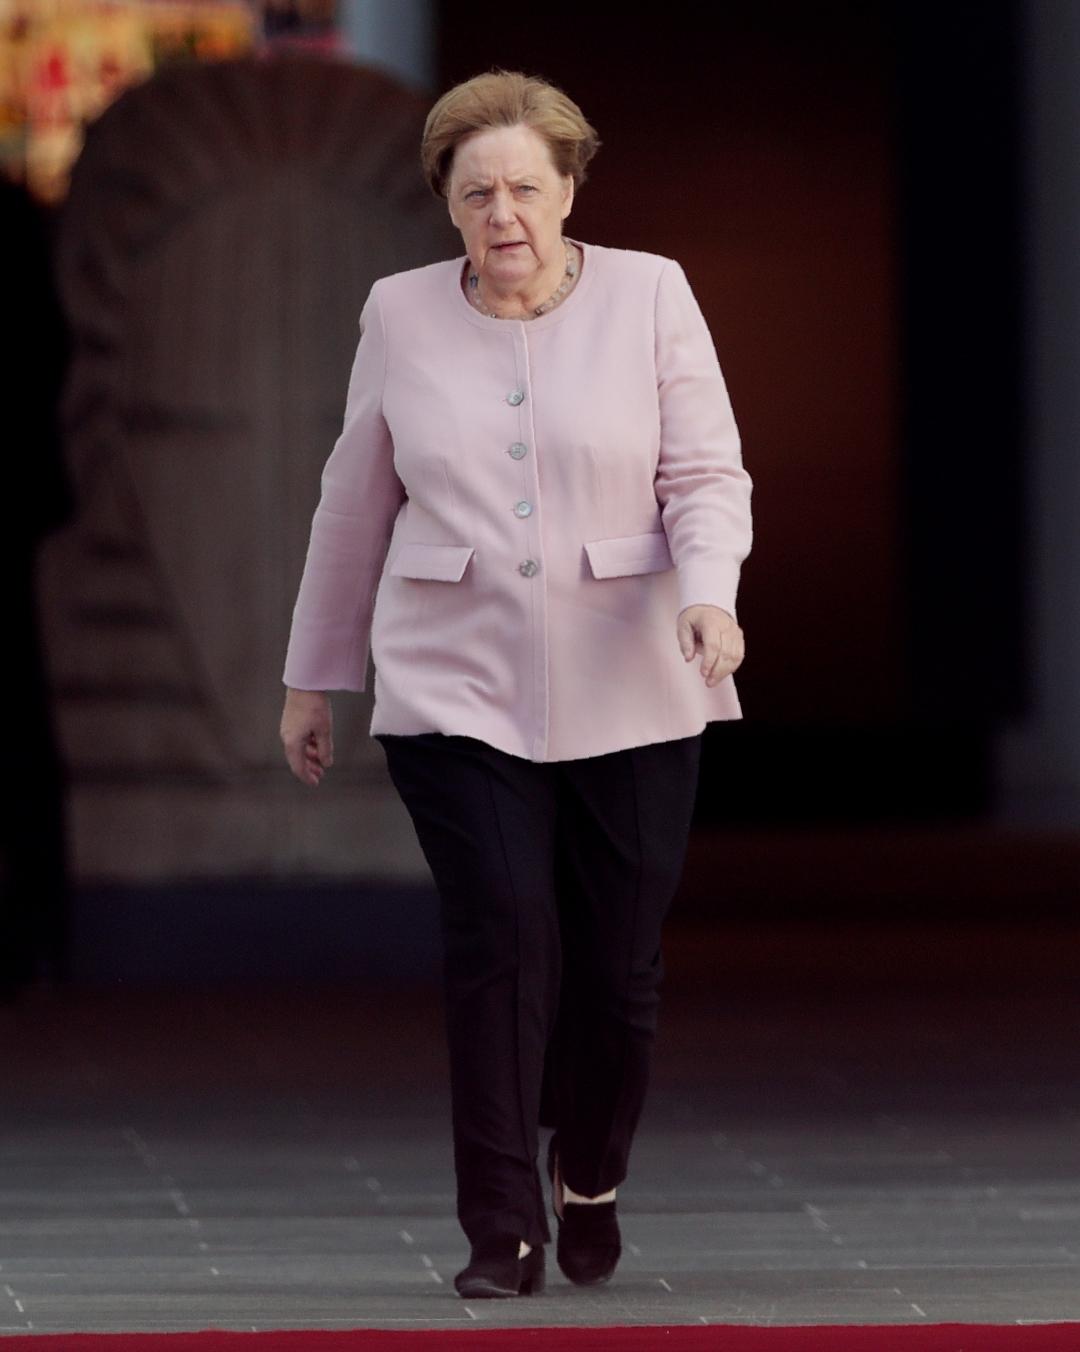 Foto: Angela Merkel, canciller de Alemania, 18 de junio de 2019, Berlín